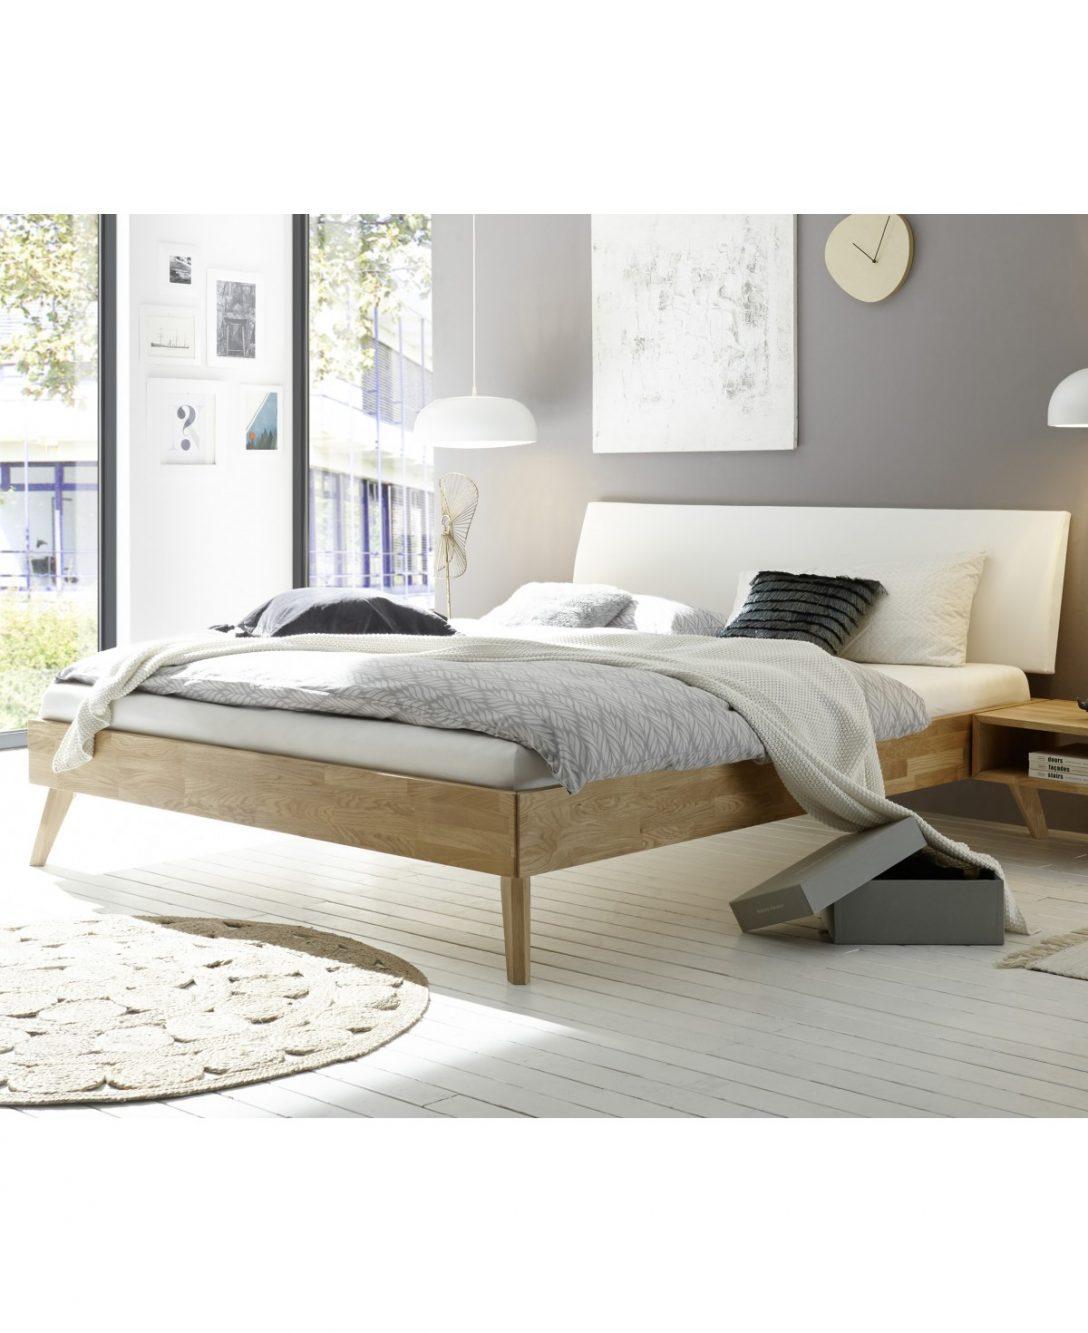 Large Size of Somnus Betten Runde Kleinkind Bett 160 Nussbaum 180x200 Ottoversand Kaufen Hamburg Innocent Trends Tojo 120x190 Bett Bett Weiß 90x200